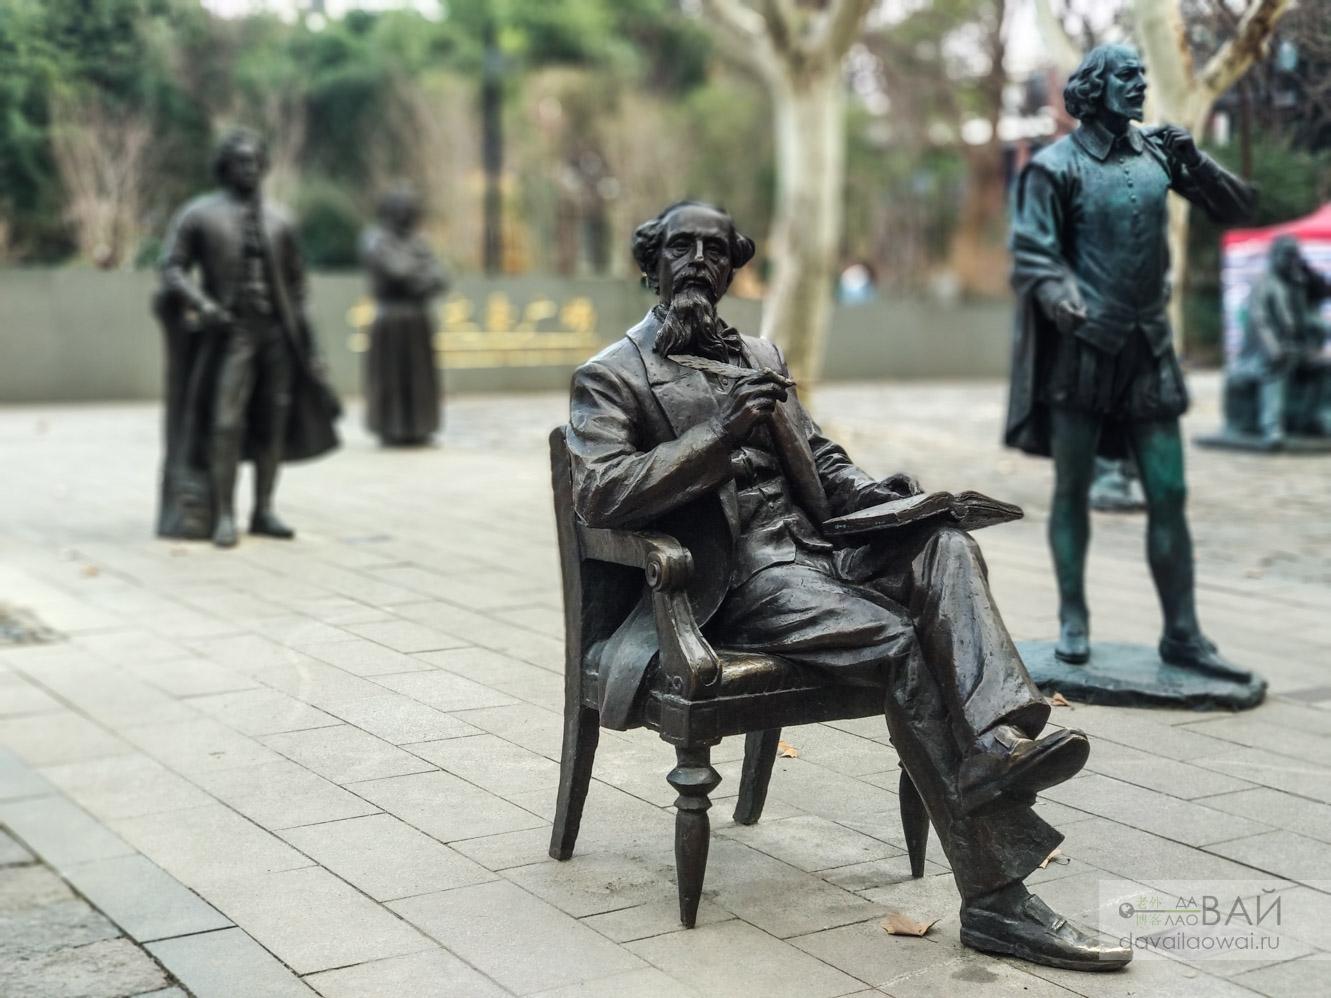 Литературный сквер в Шанхае 世博文豪广场